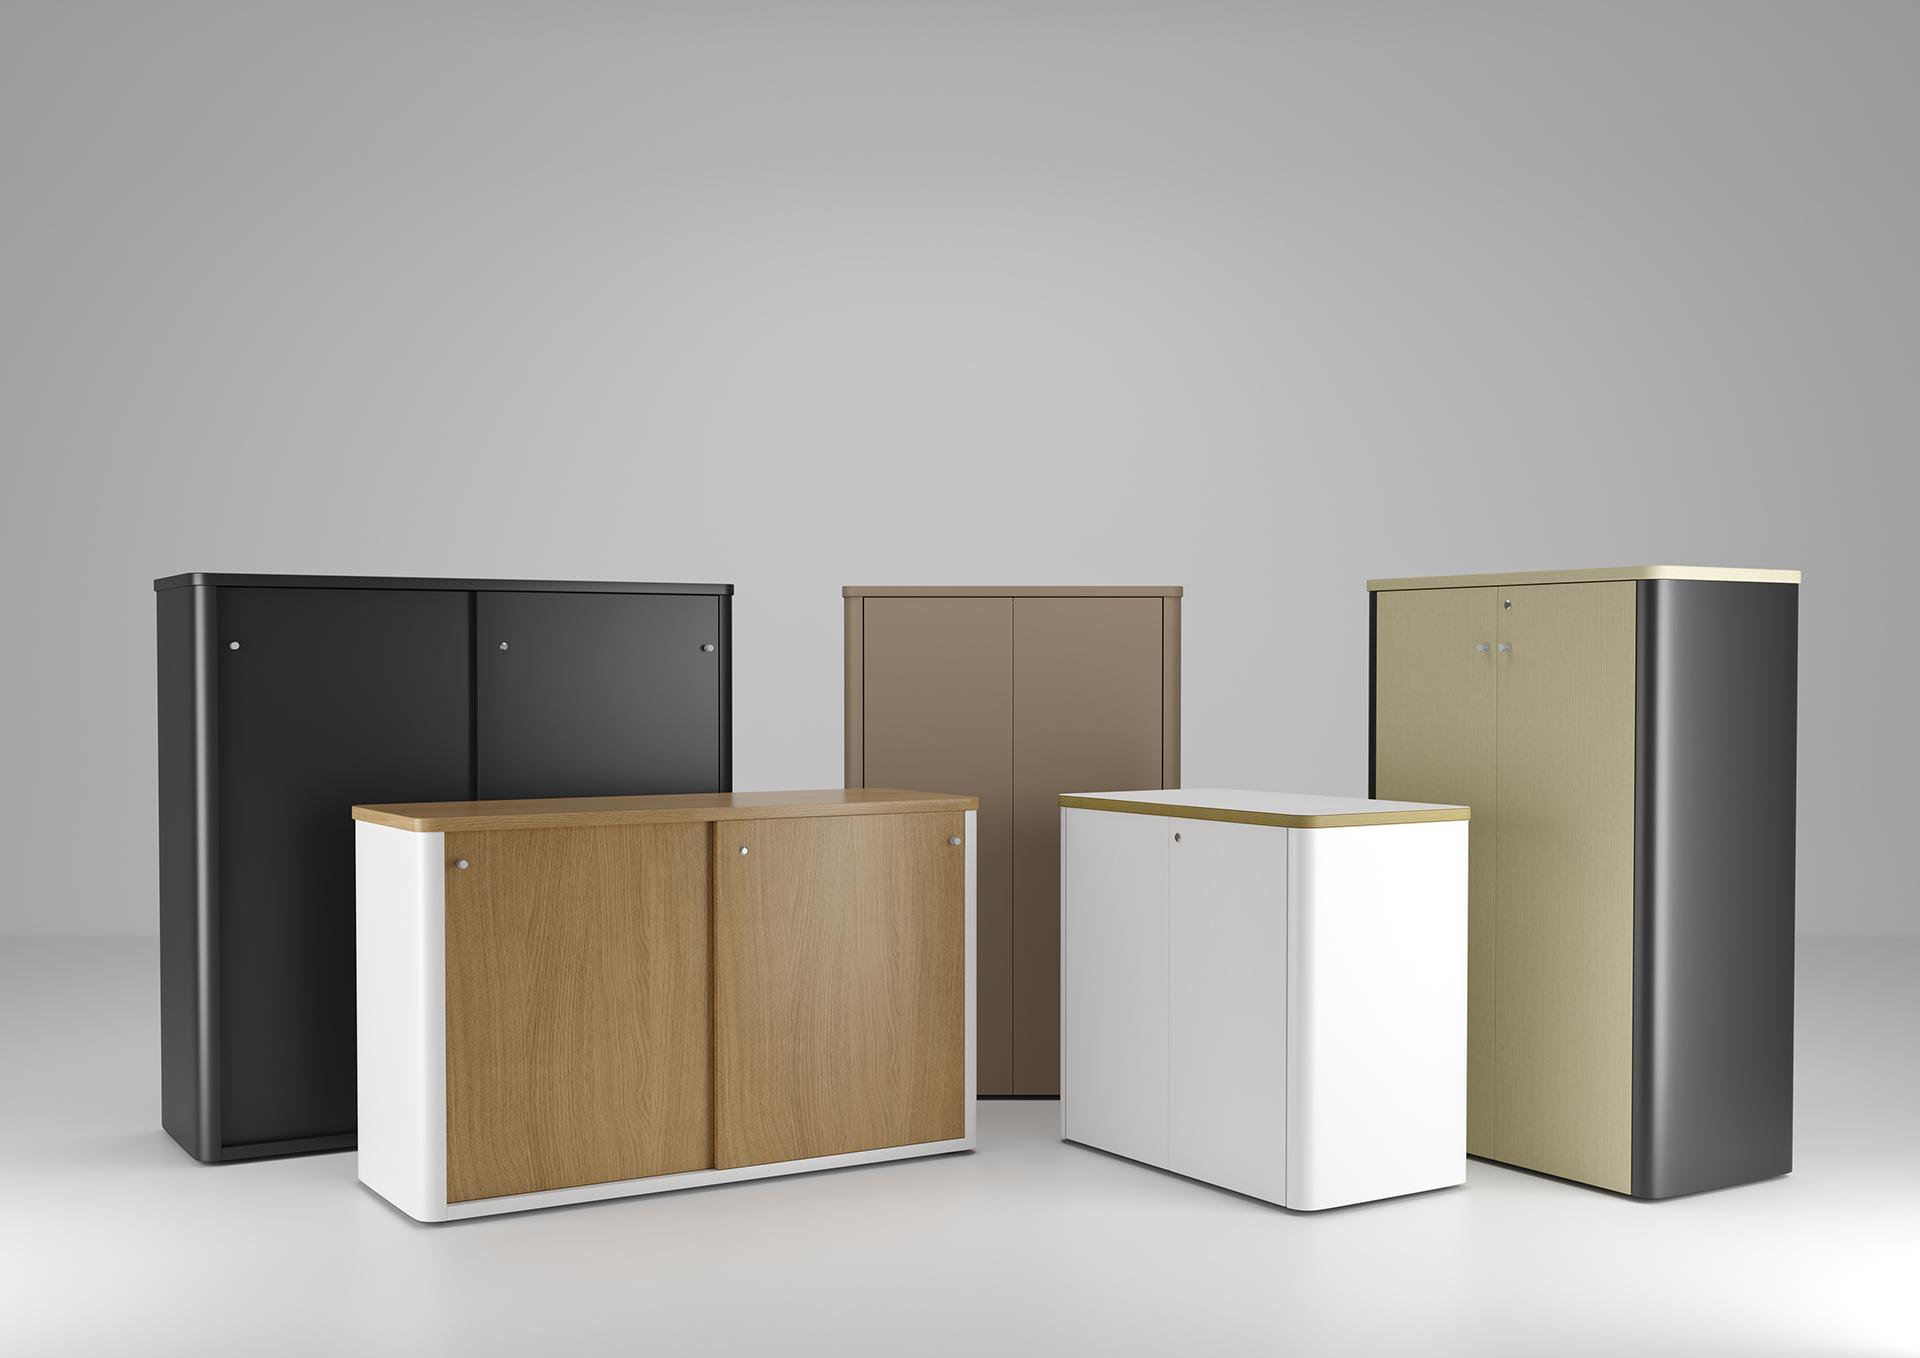 archivo contract galeria9 - soluciones de almacenaje